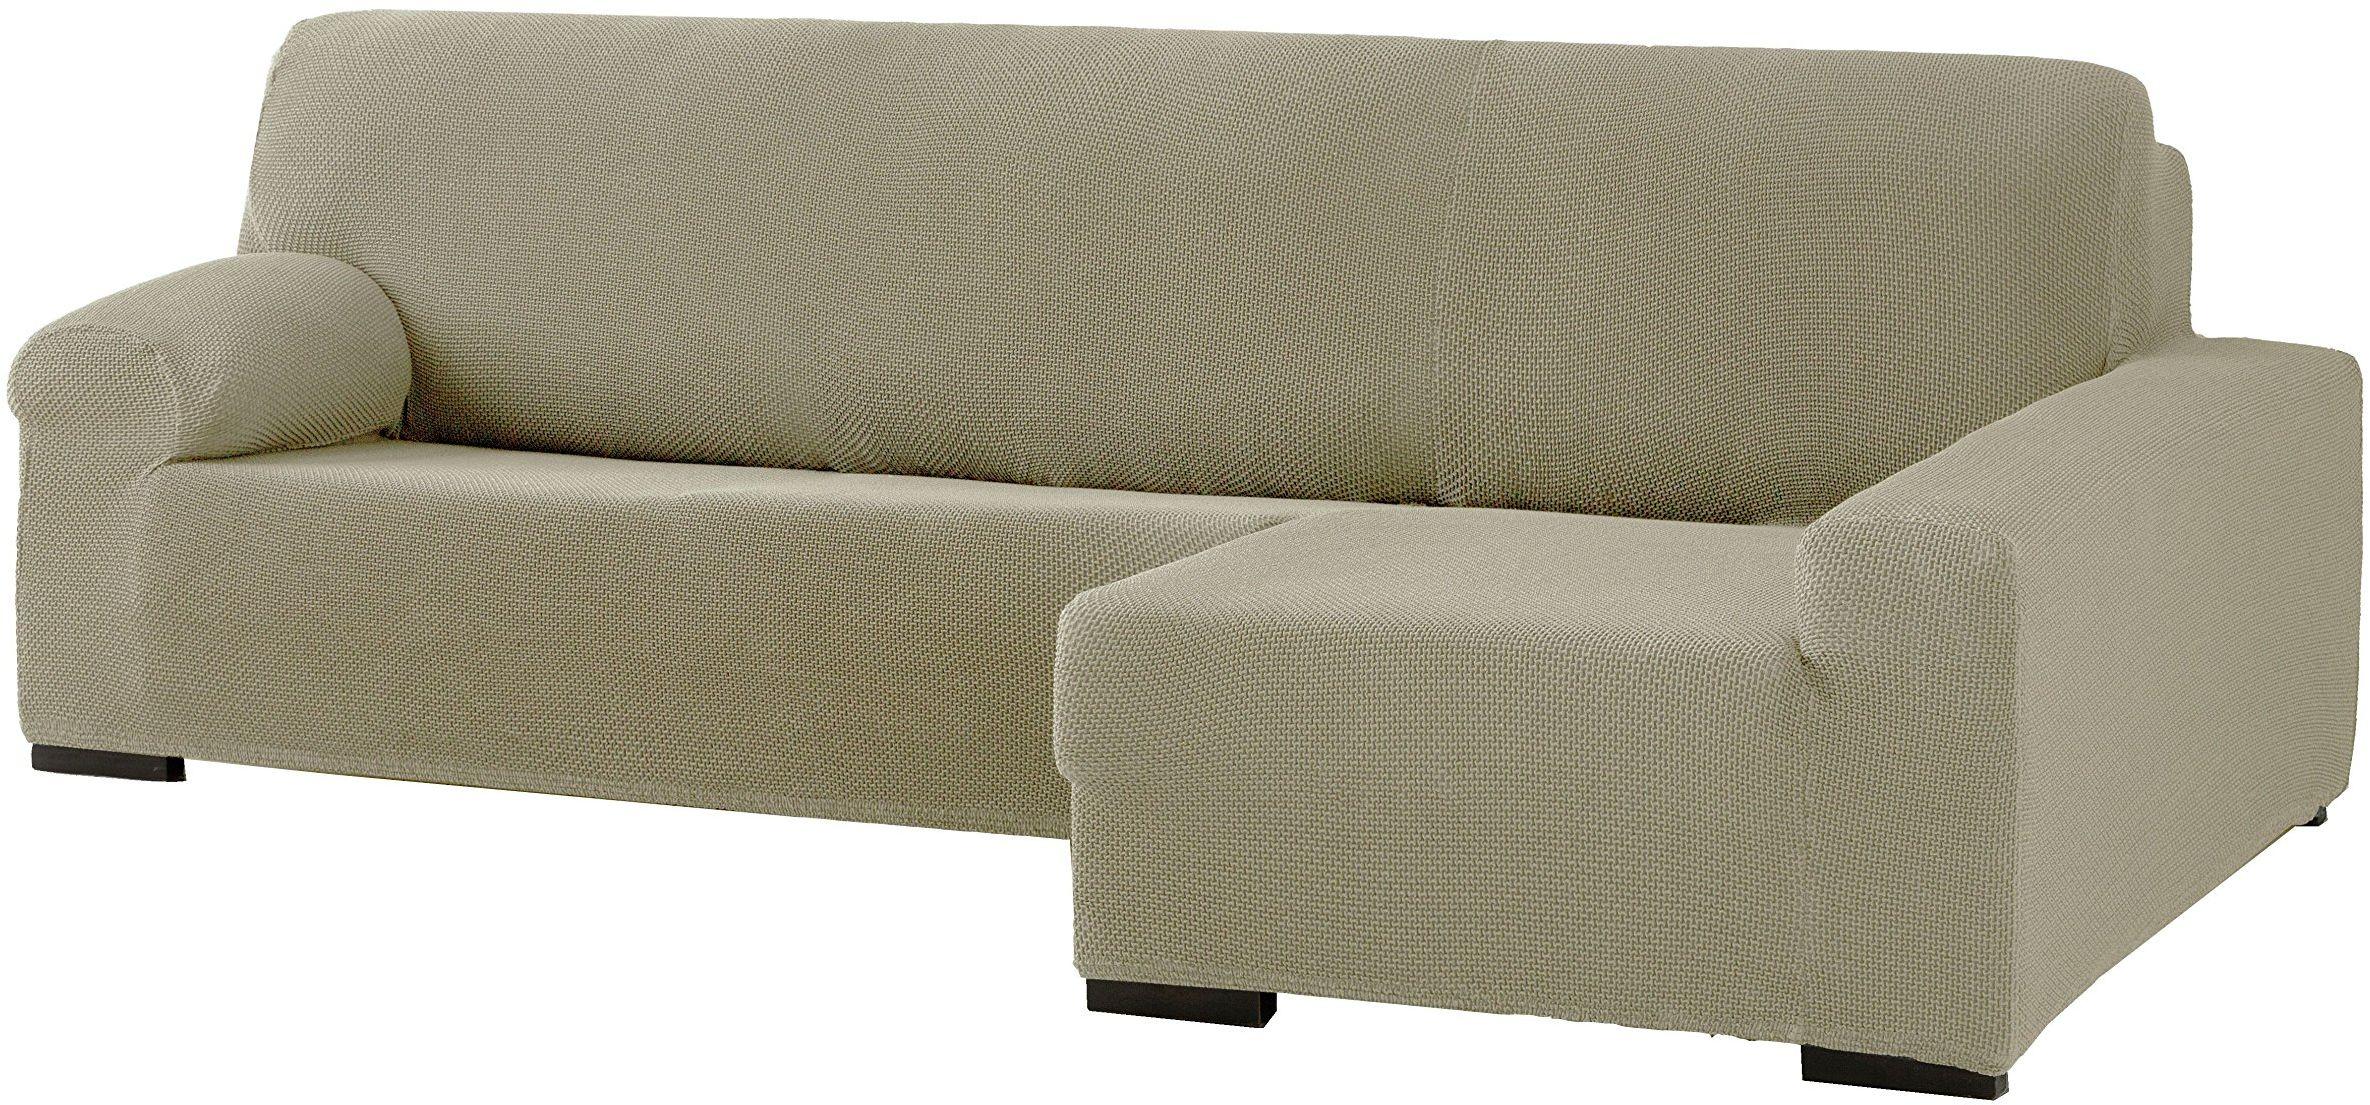 Eysa Cora podwójnie elastyczny szezlong, poliester, bawełna, len, 39 x 35 x 19 cm